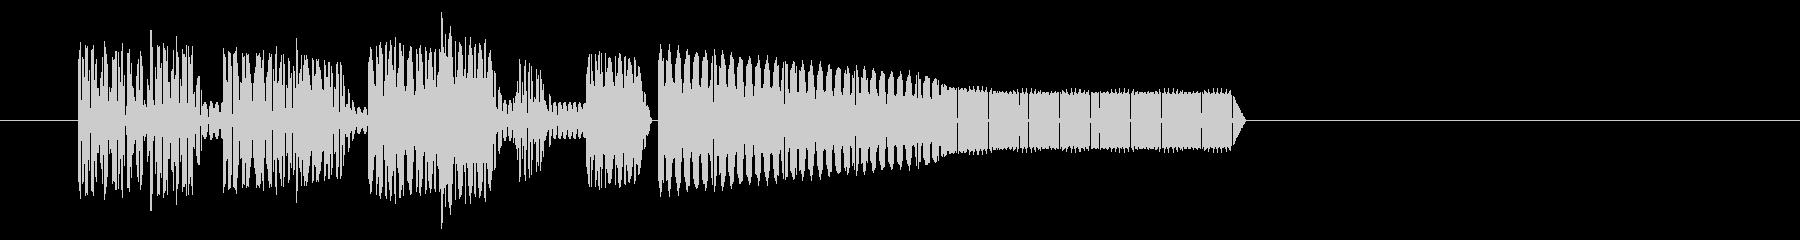 レトロゲーム・和風のジングル6の未再生の波形